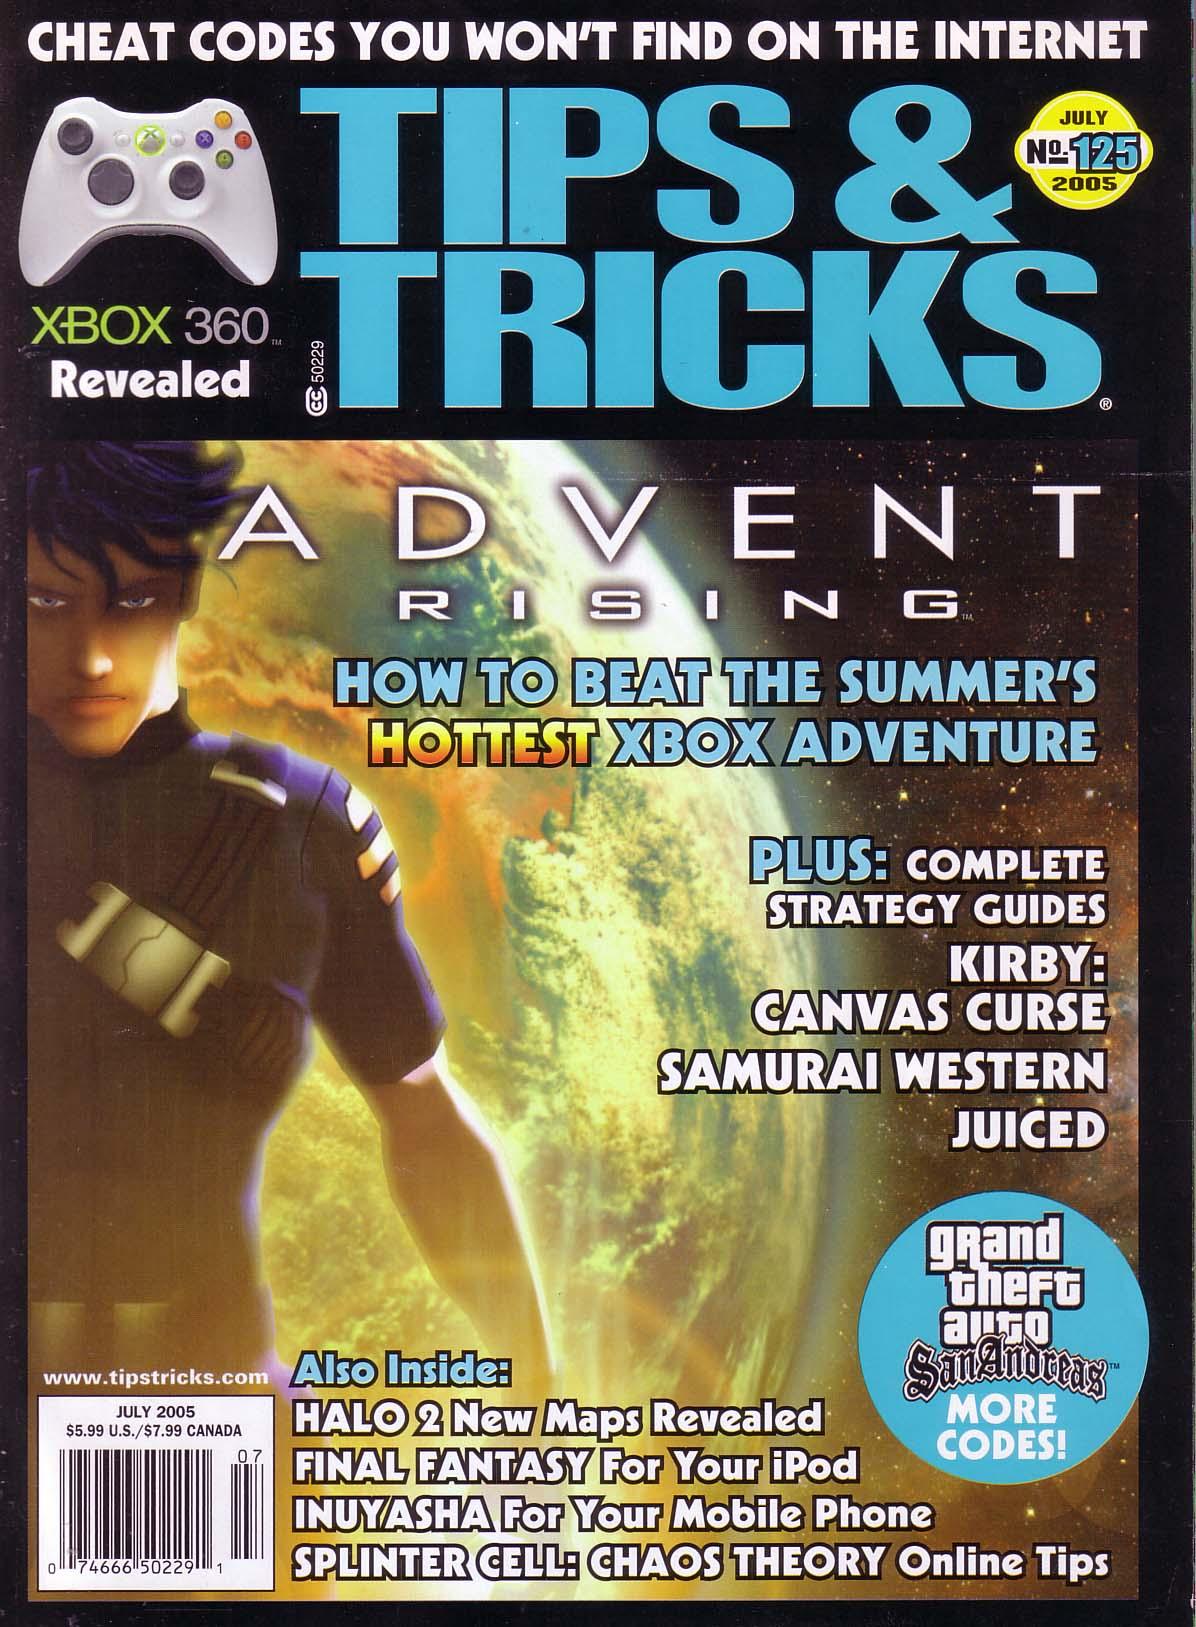 TipsandTricks_July_2005_Halo_Strategy.jpg